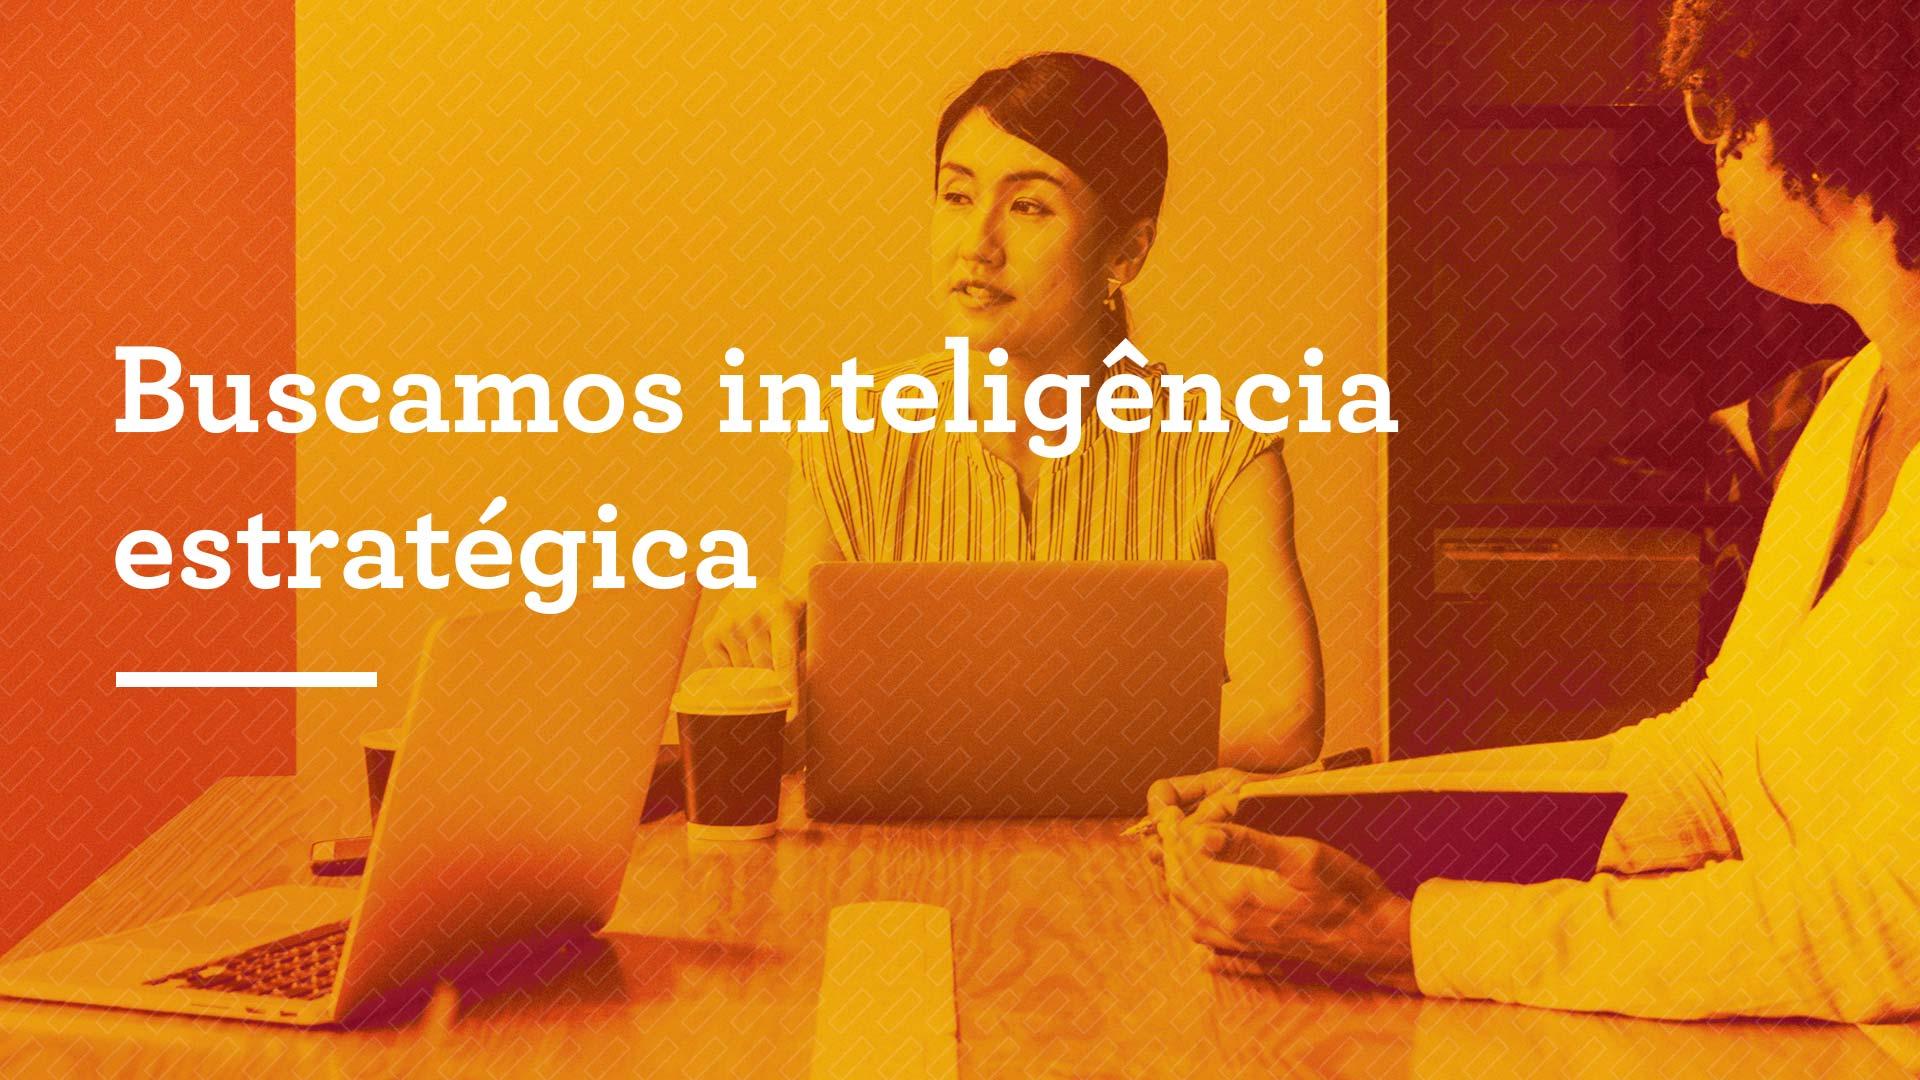 Buscamos inteligência estratégica